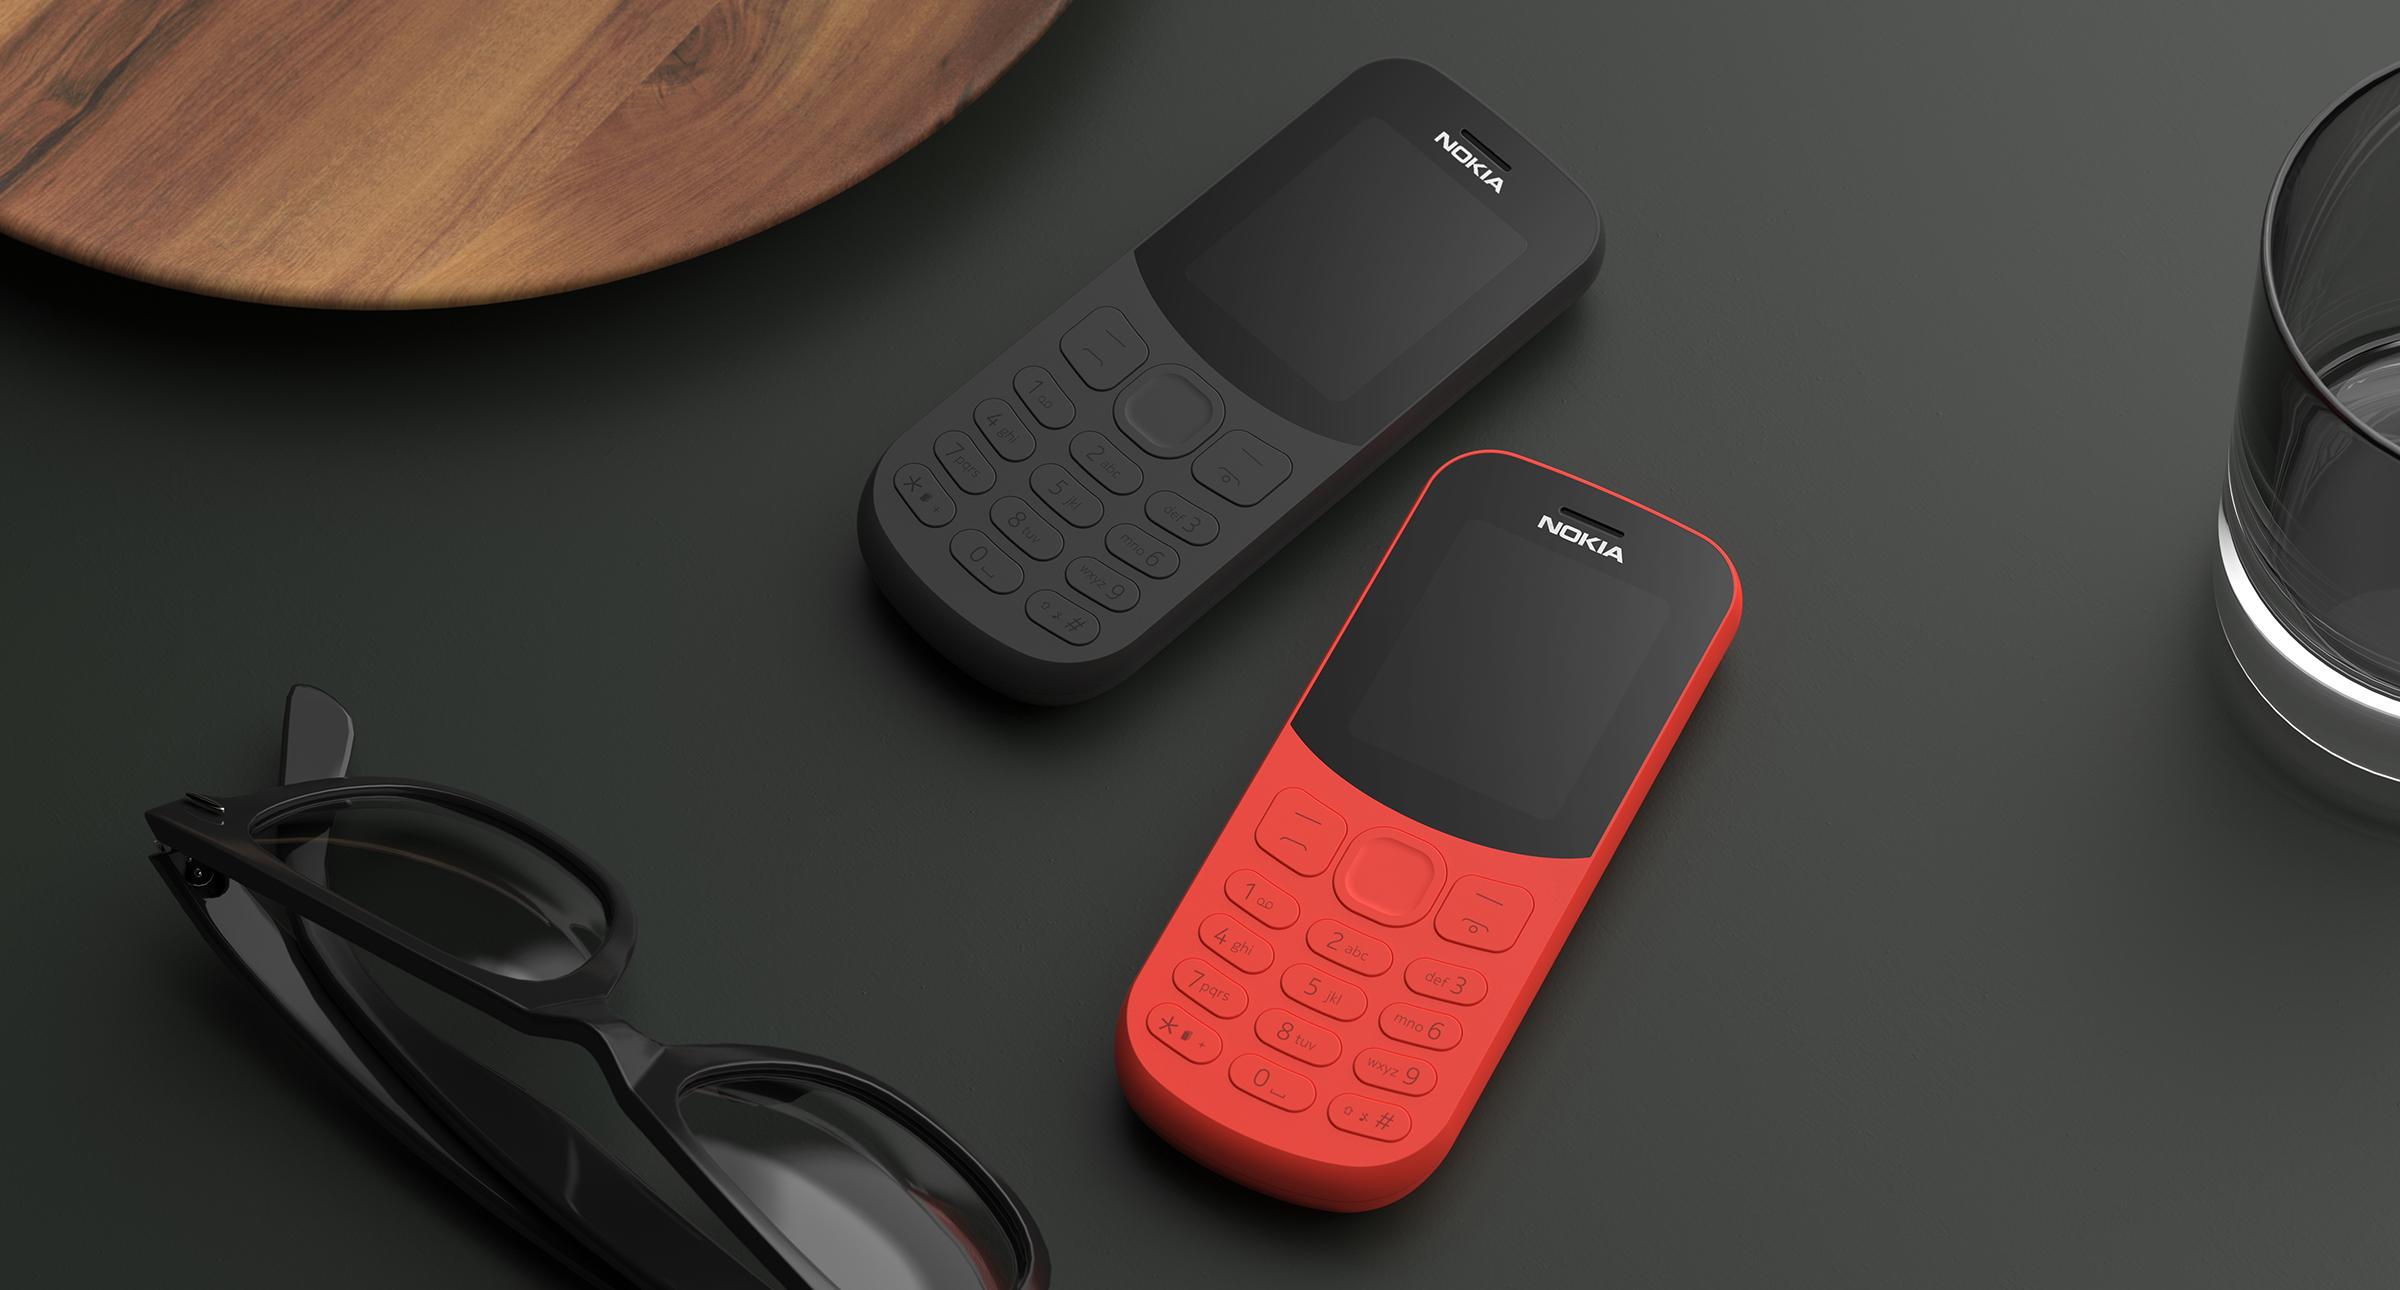 Nokia130_01